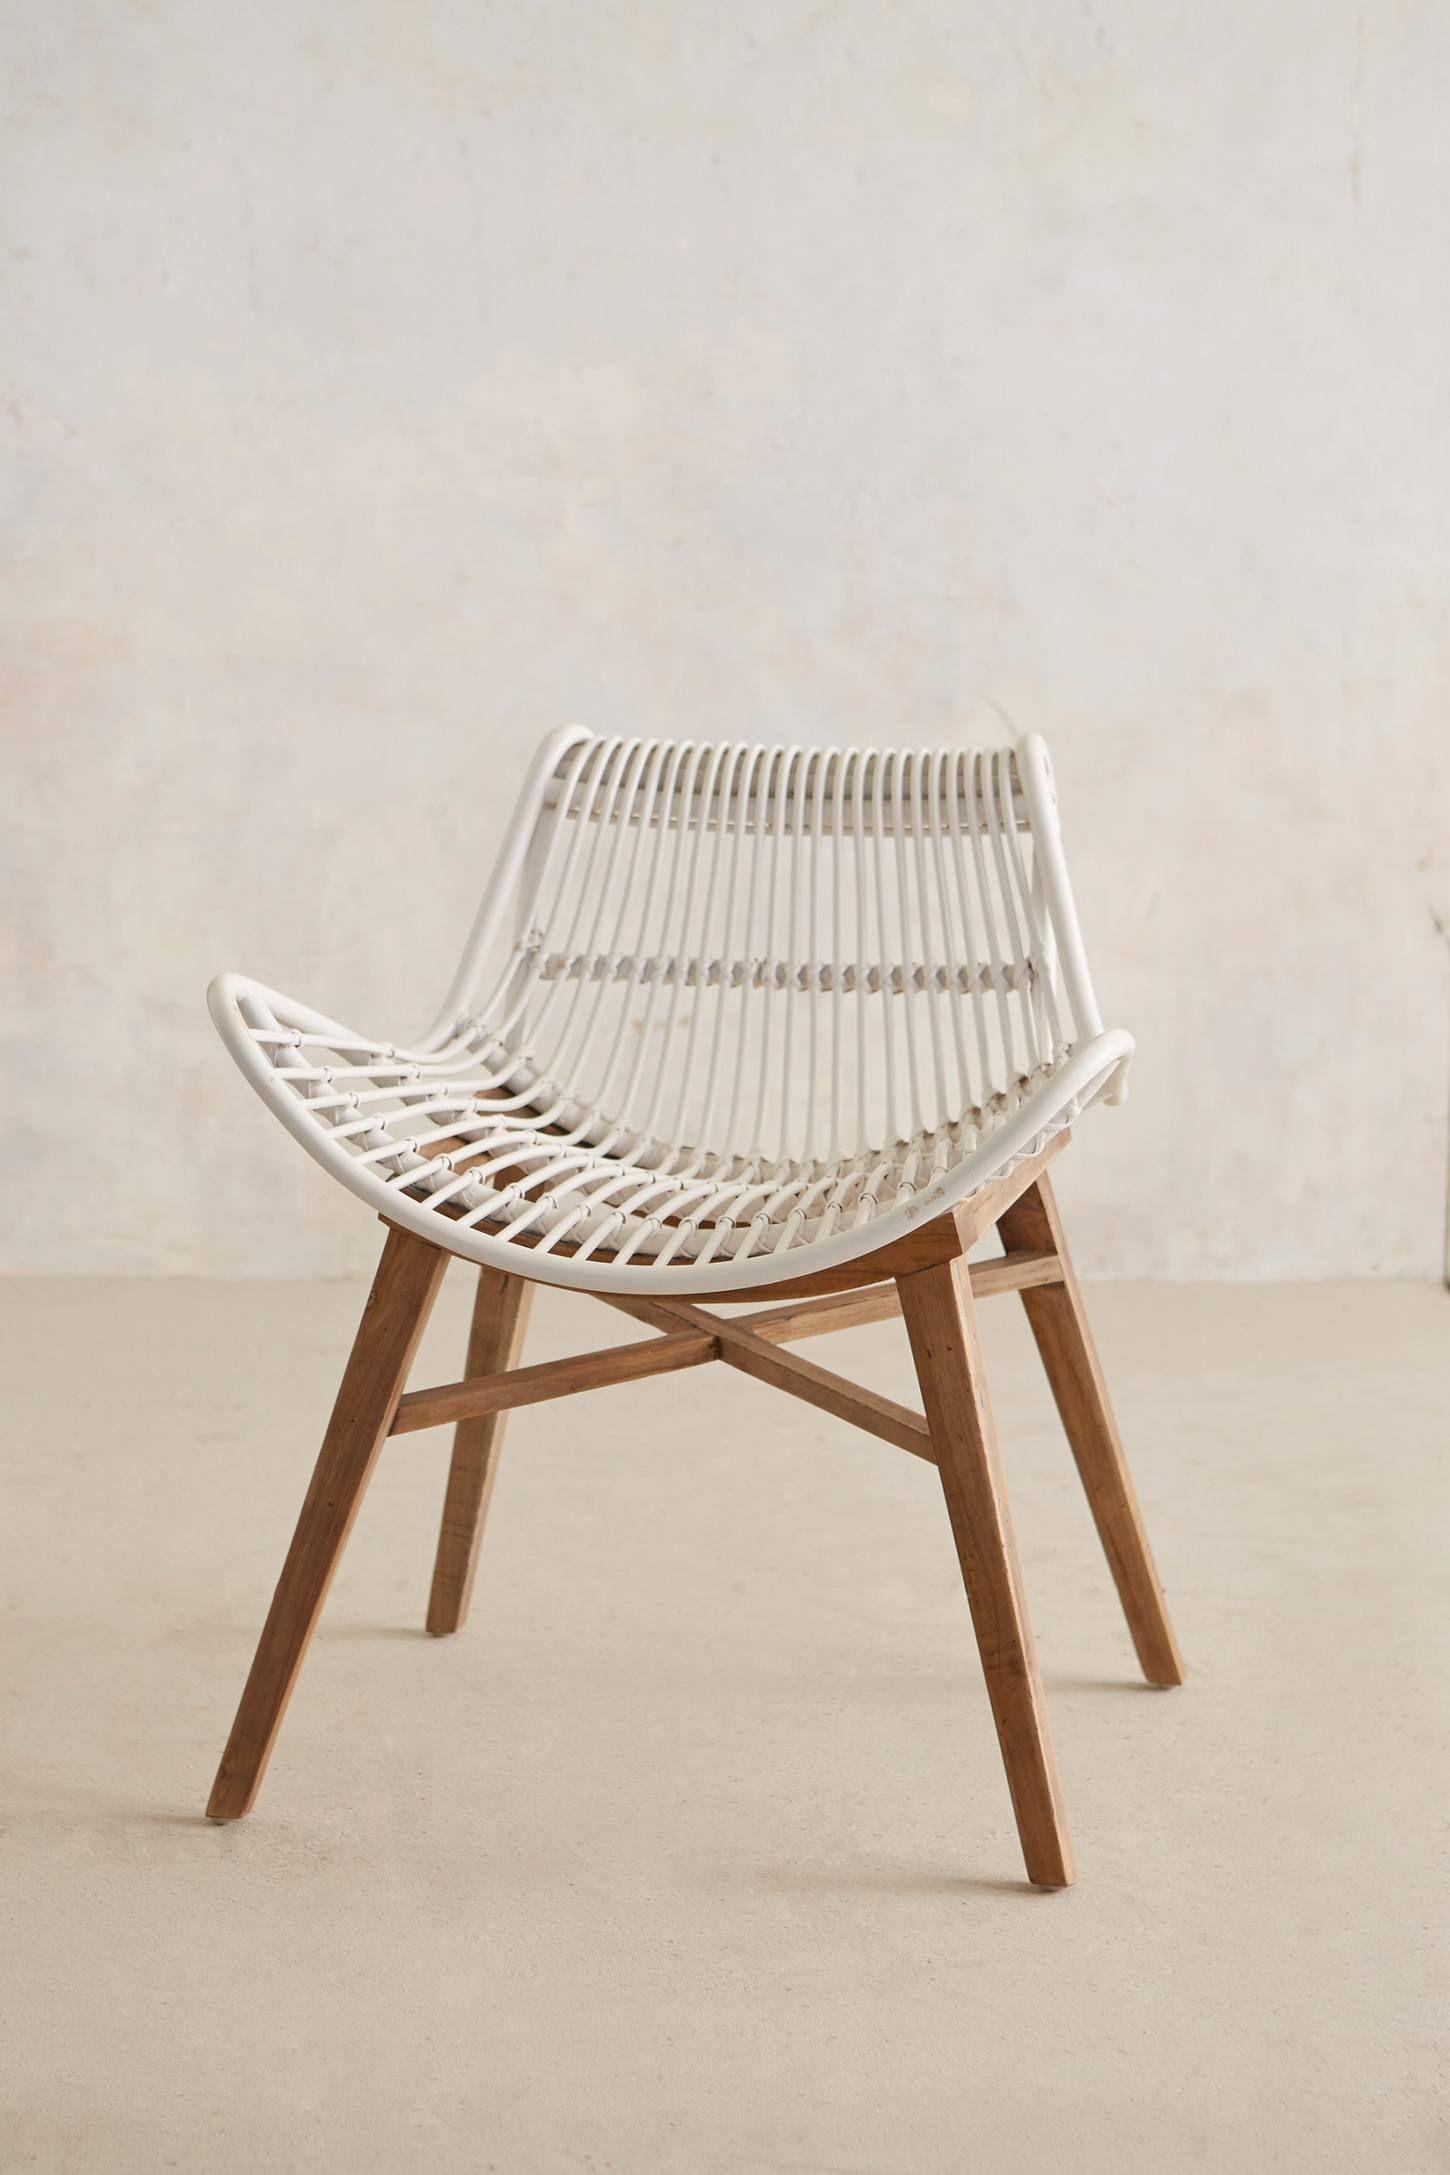 C-förmige design-ideen für küchen pin von andreas esser auf möbel  pinterest  muebles sillas und